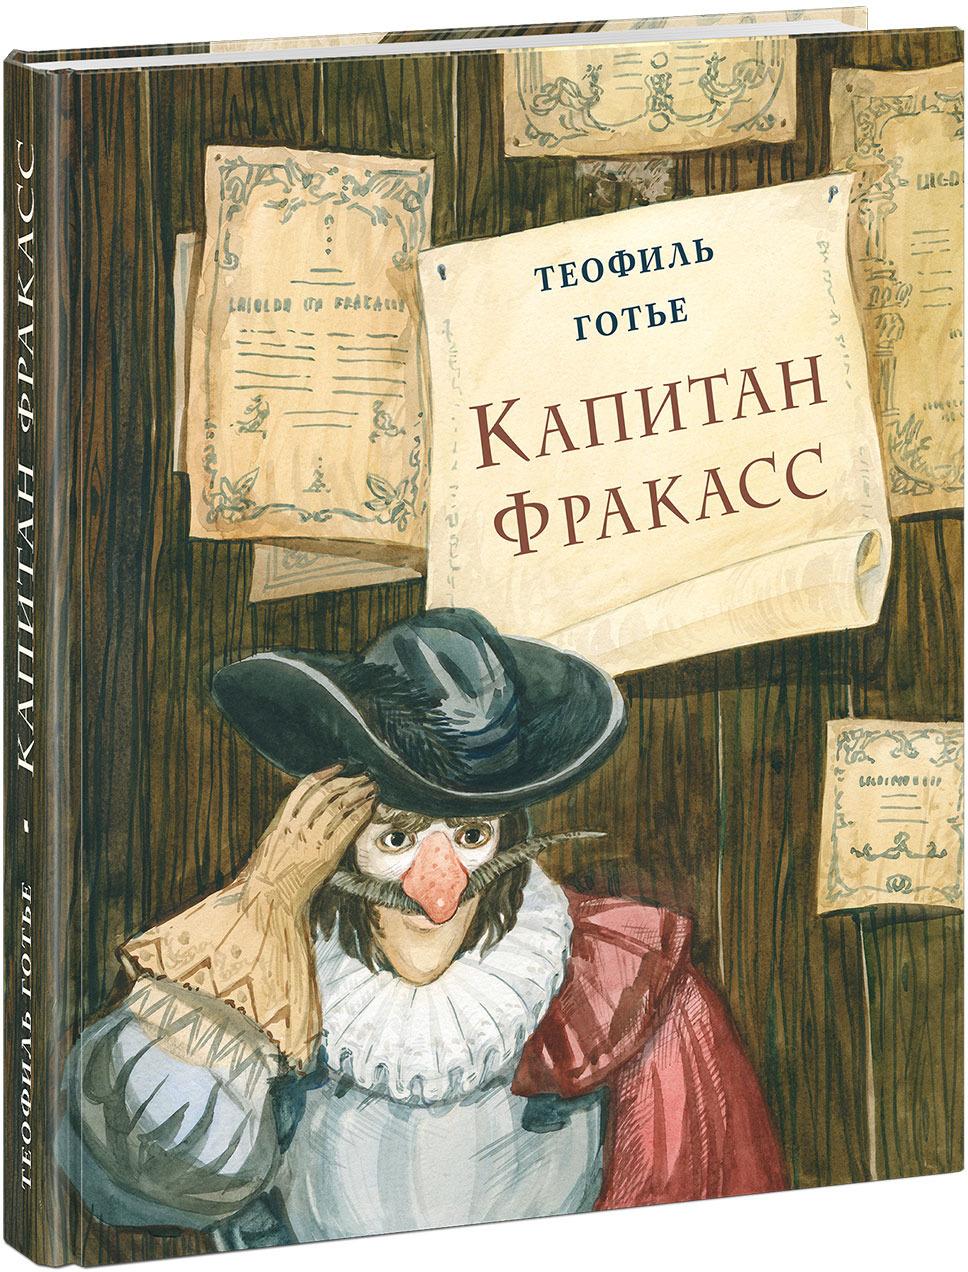 Теофиль Готье Капитан Фракасс